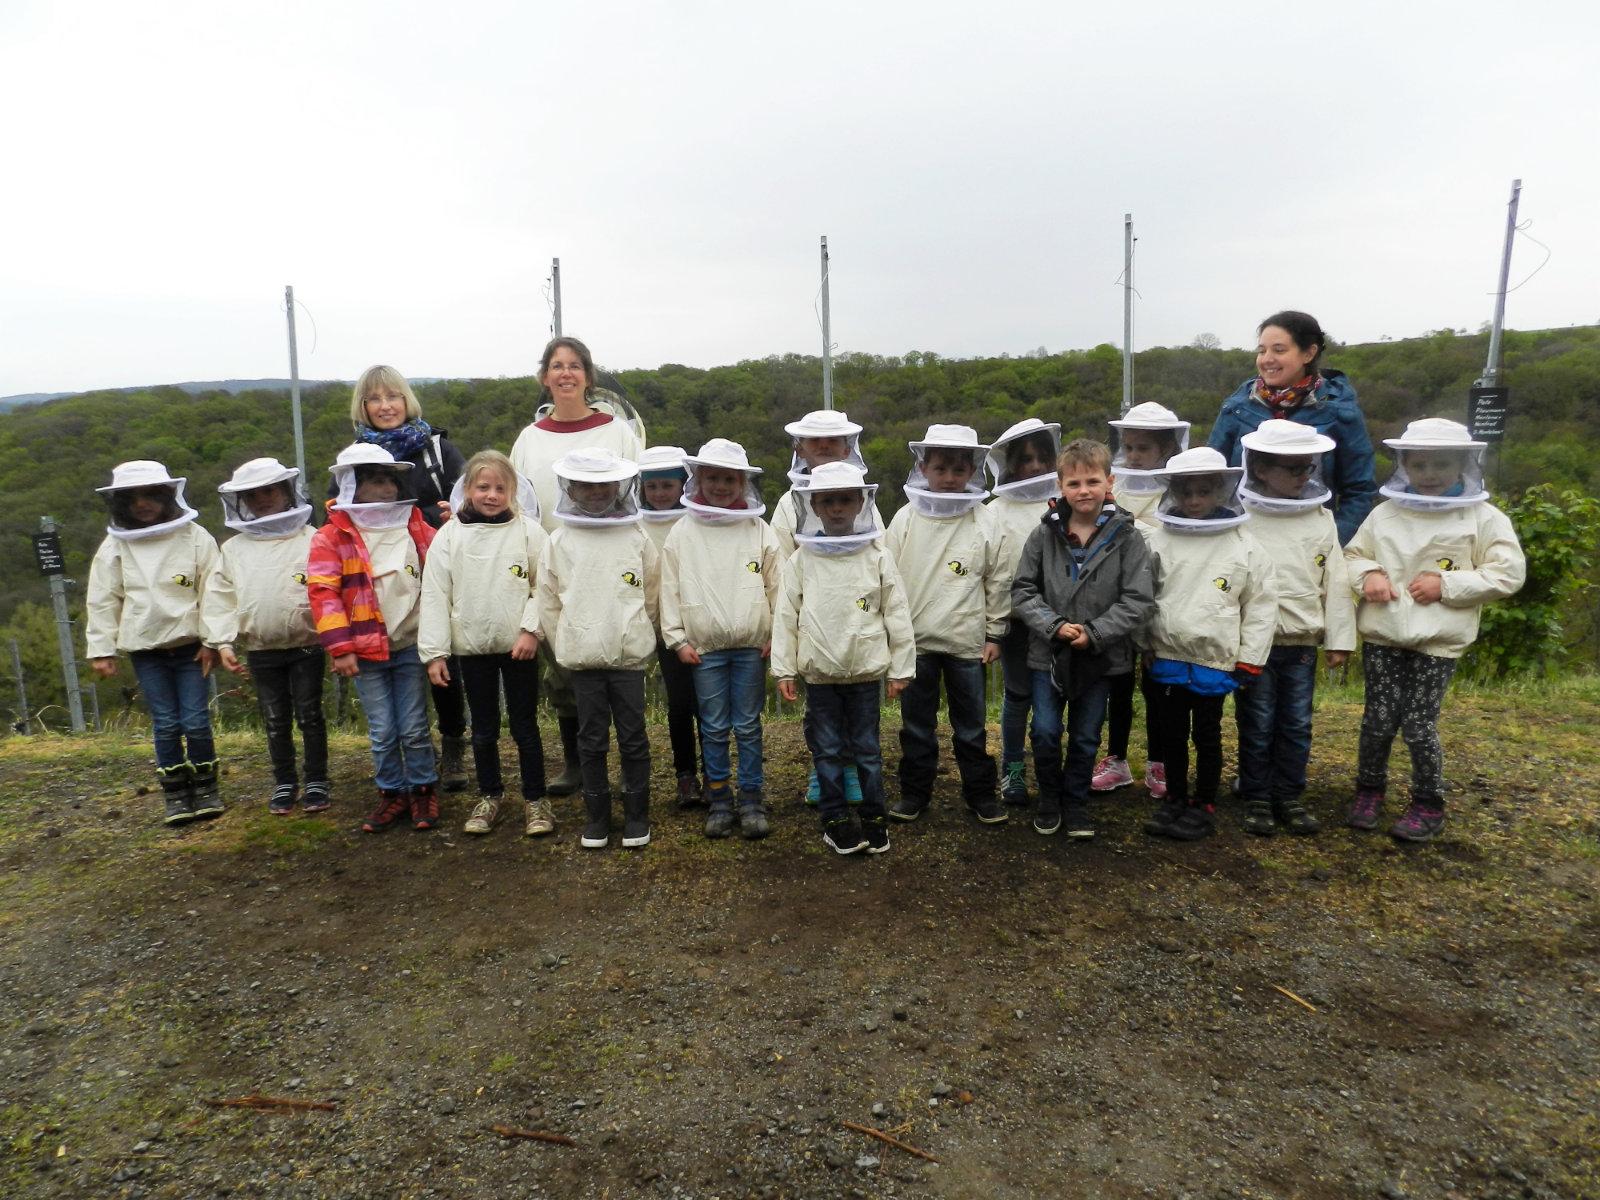 Die Kinder des 1. und 2. Schuljahres der GS Brey zu Besuch bei den Bienen